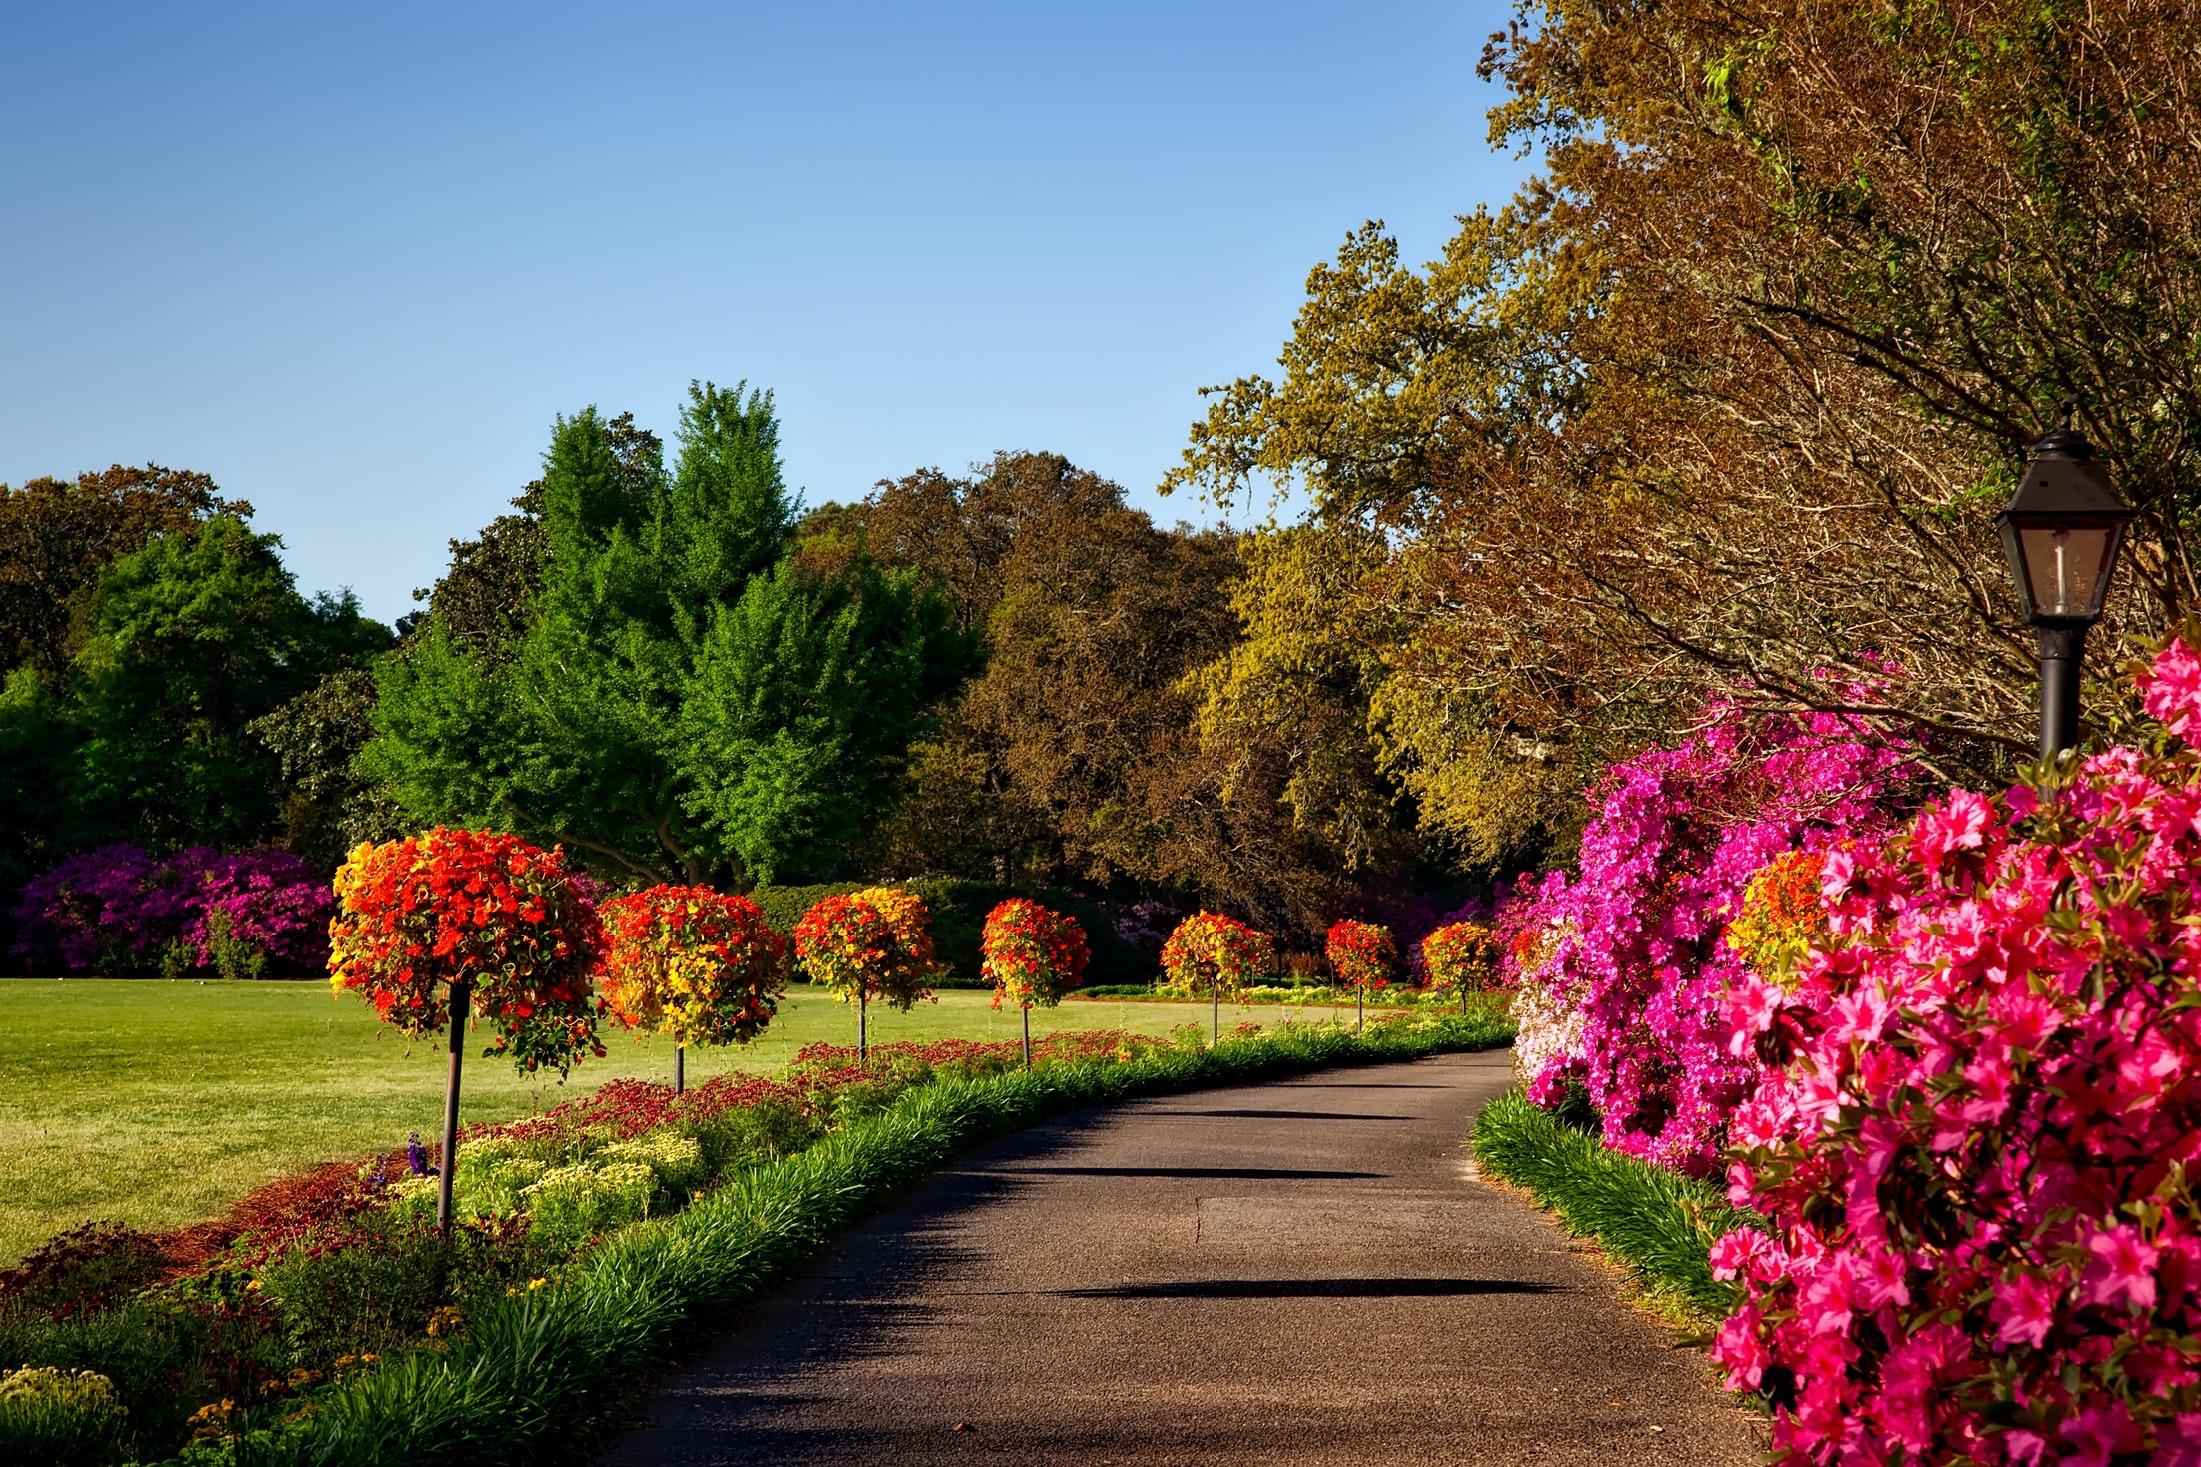 Projekt DoZahrad přibližuje krásu zahrad a parků nejen nevidomým